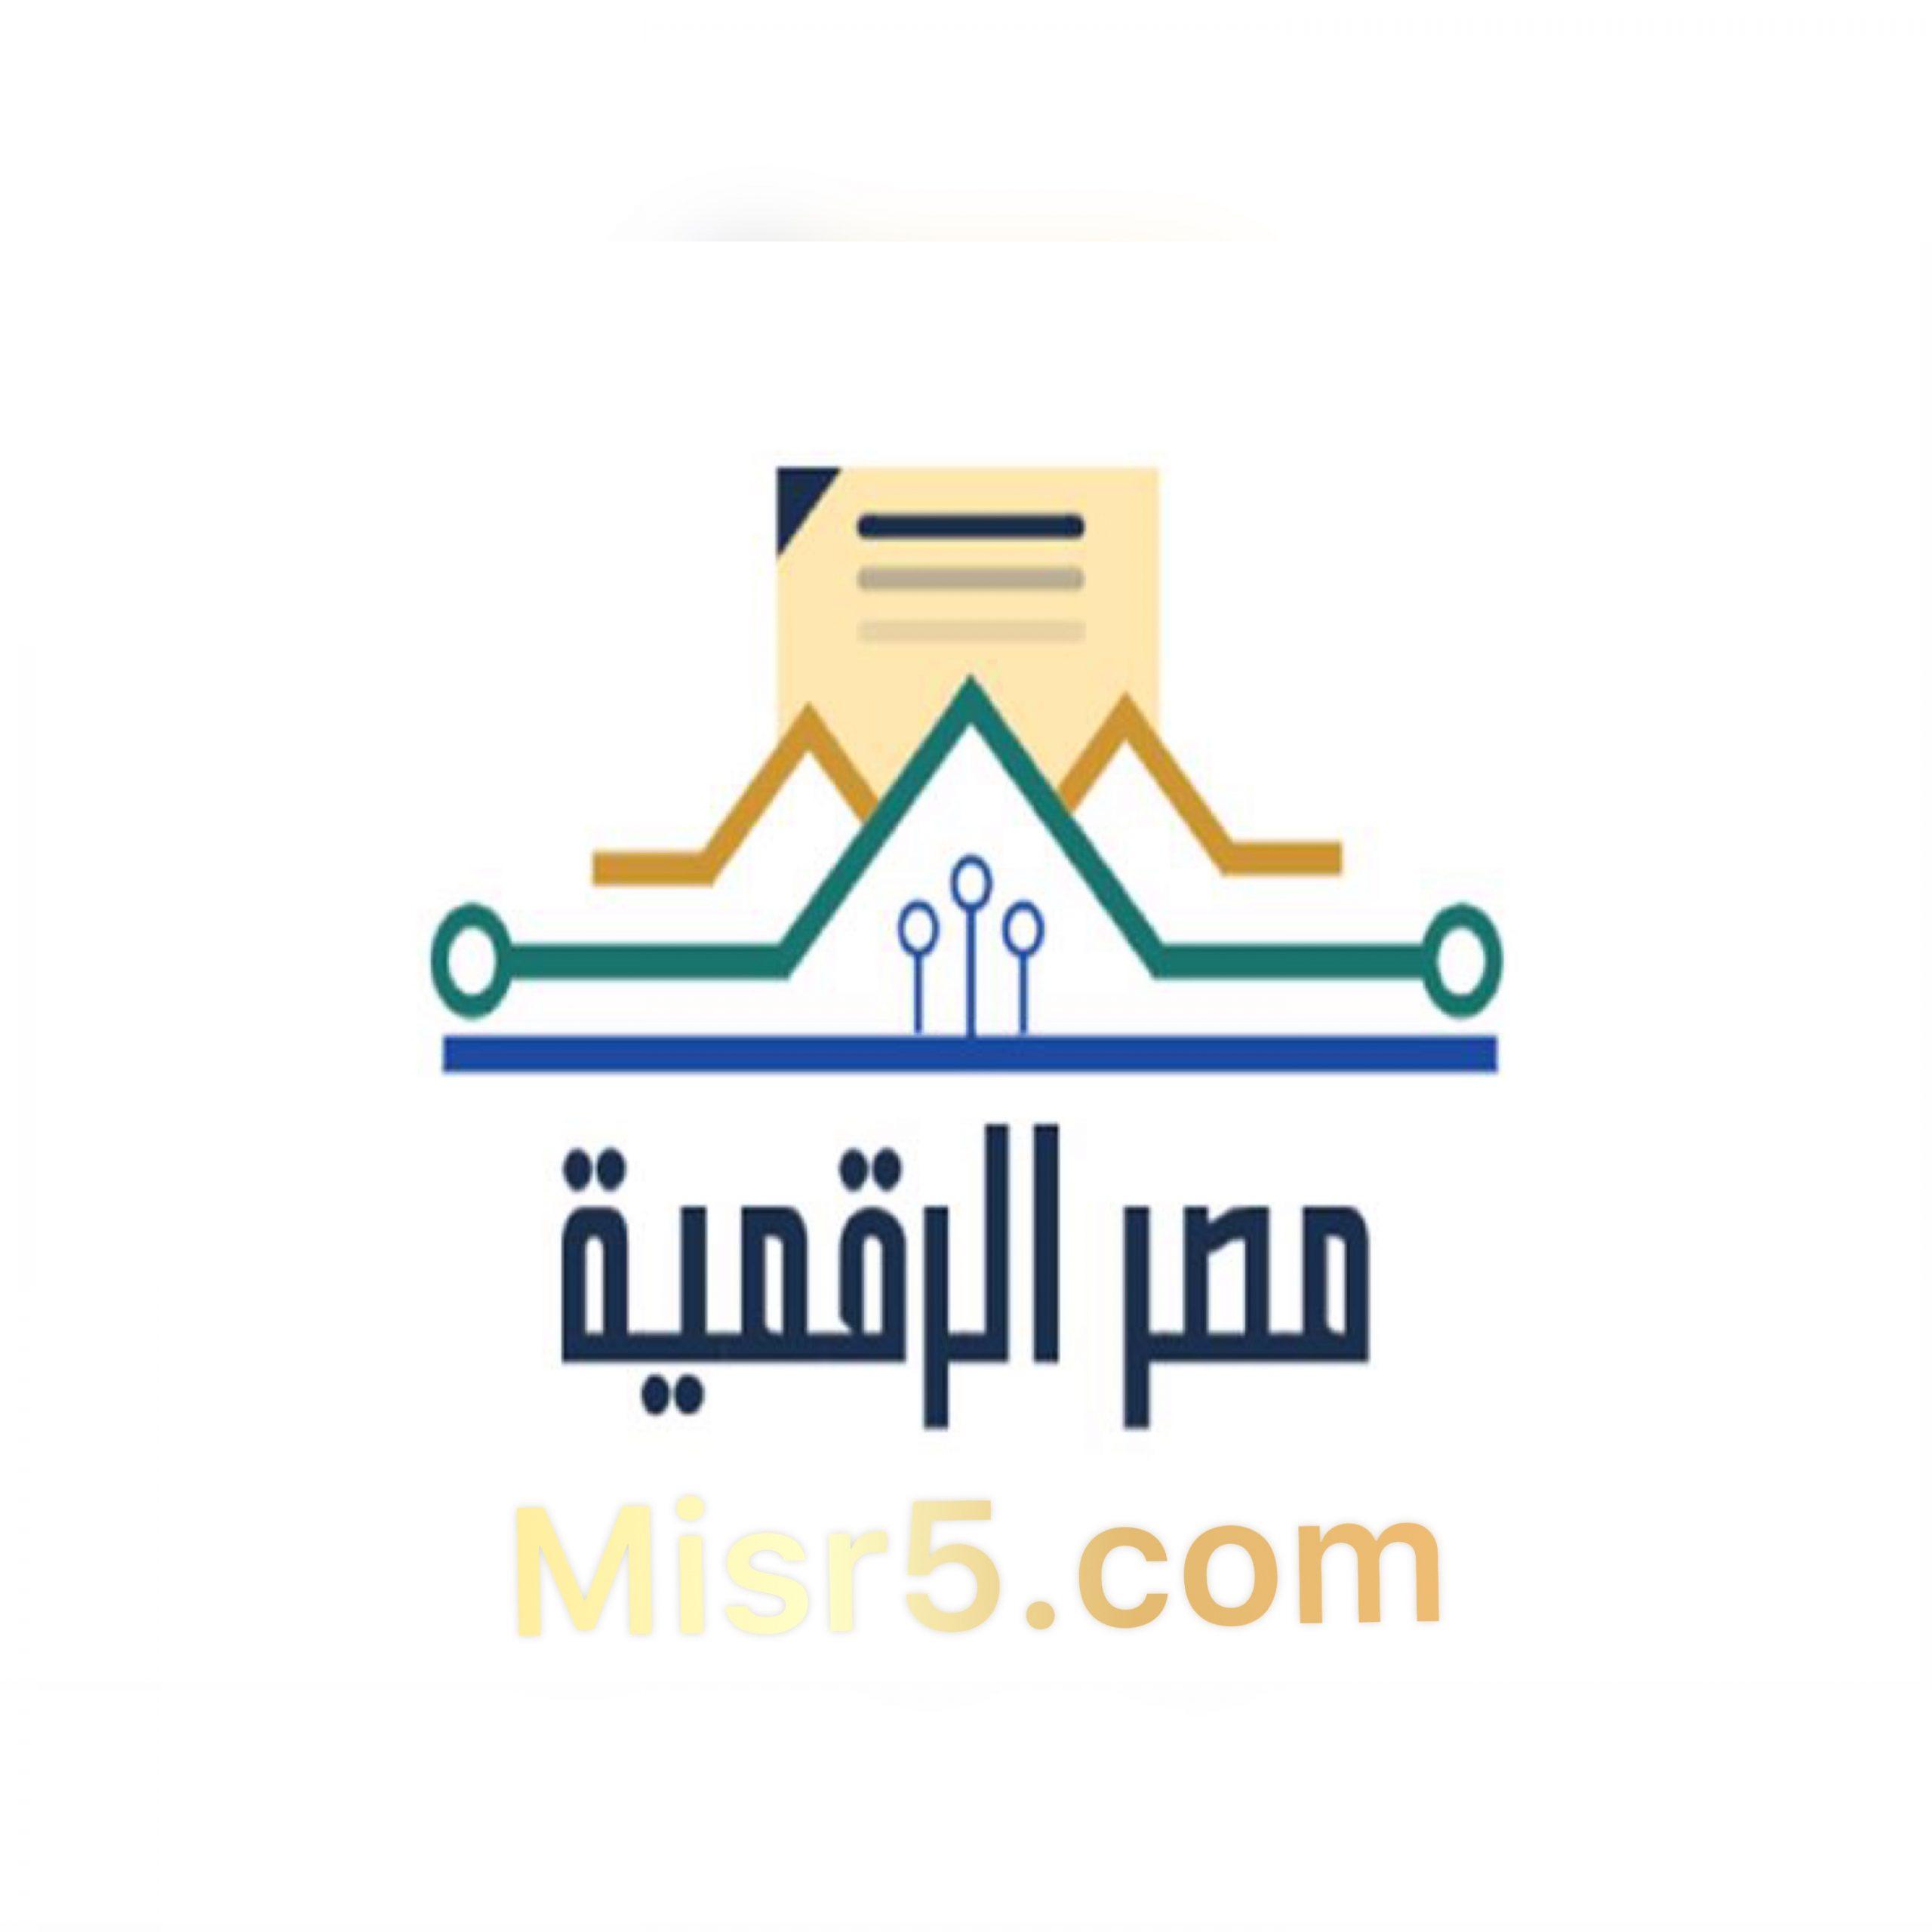 جديد بوابة مصر الرقمية   35 خدمة حكومية إلكترونية منها خدمات الشهر العقاري والتموين